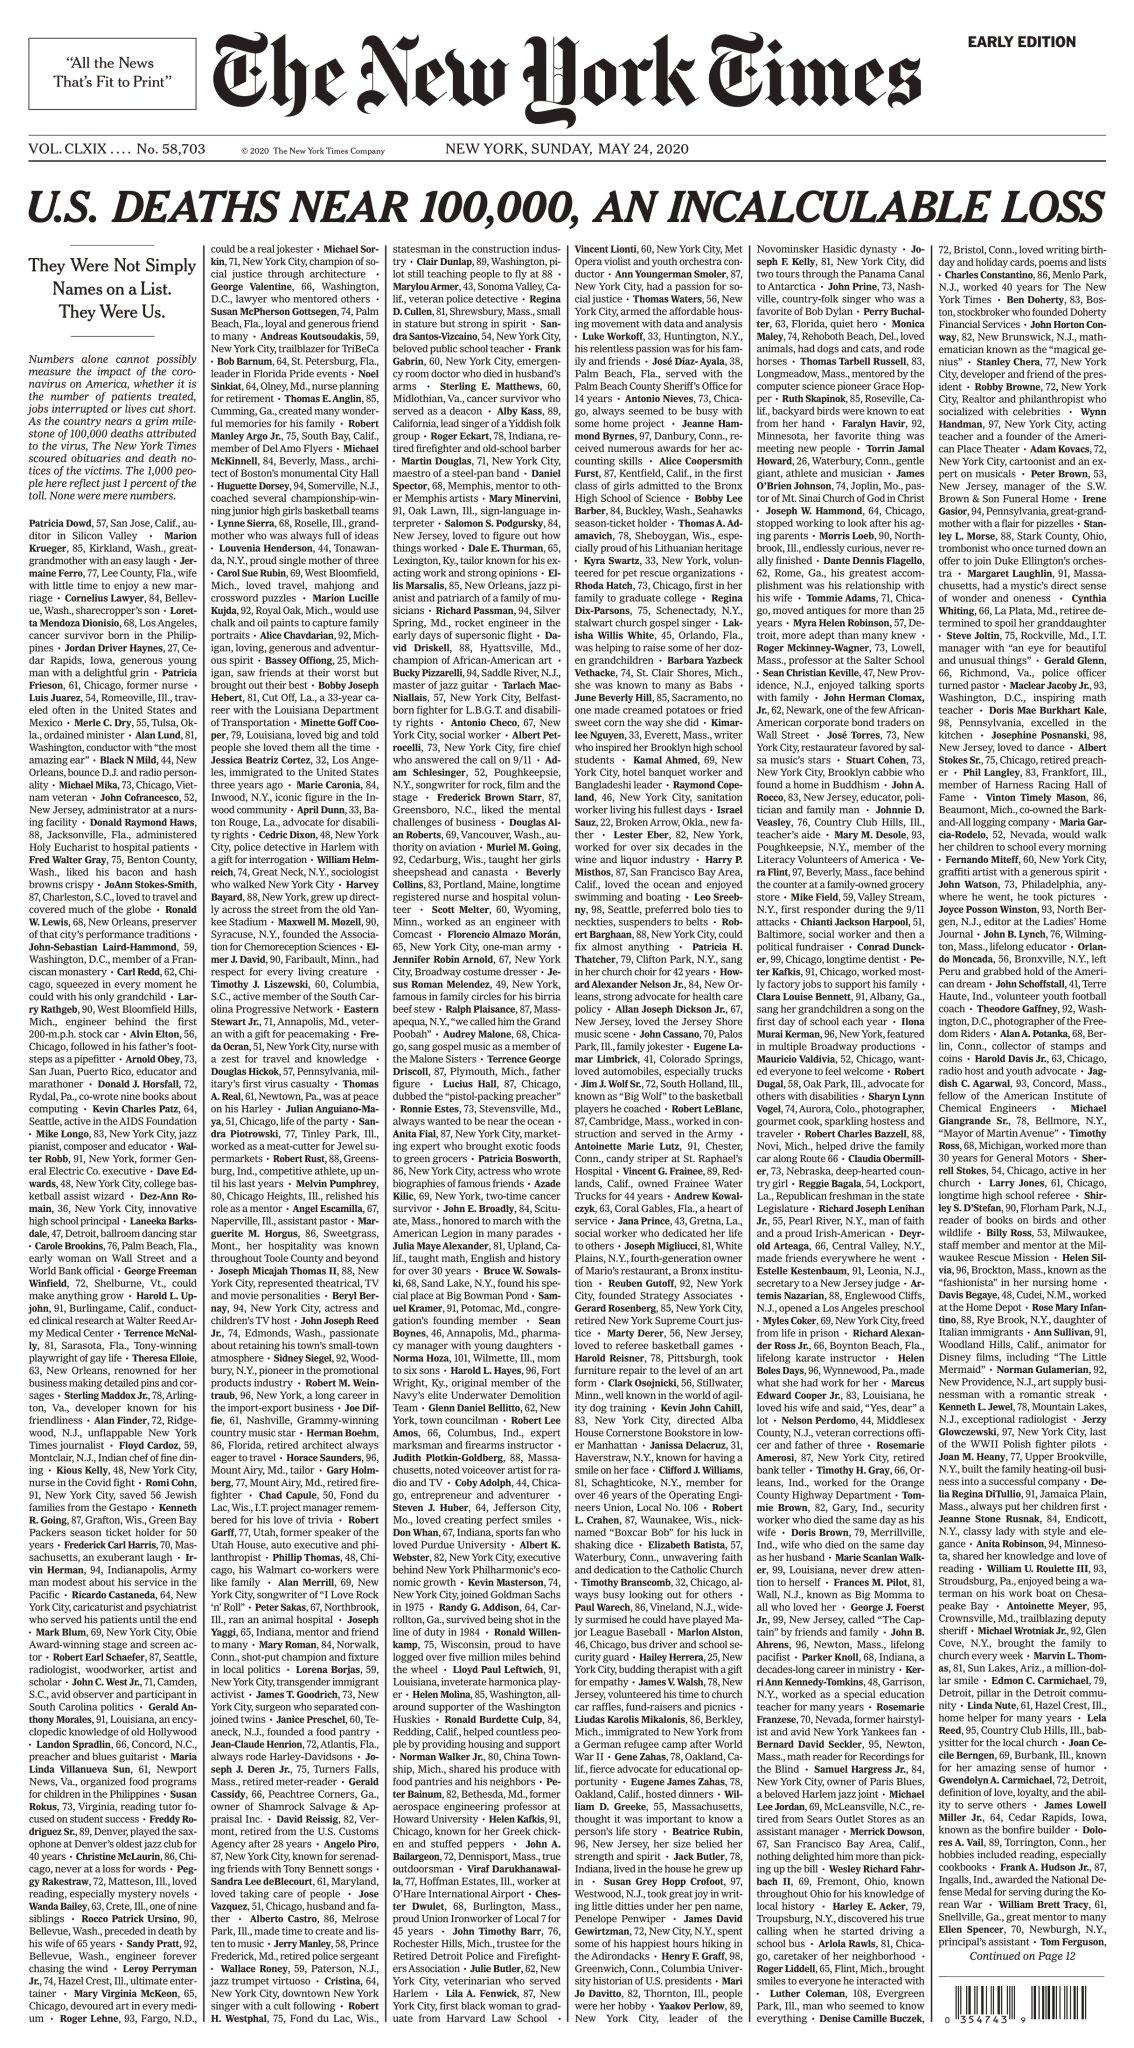 《纽约时报》提前公布24日头版:美国接近10万人死亡 无法计算的损失